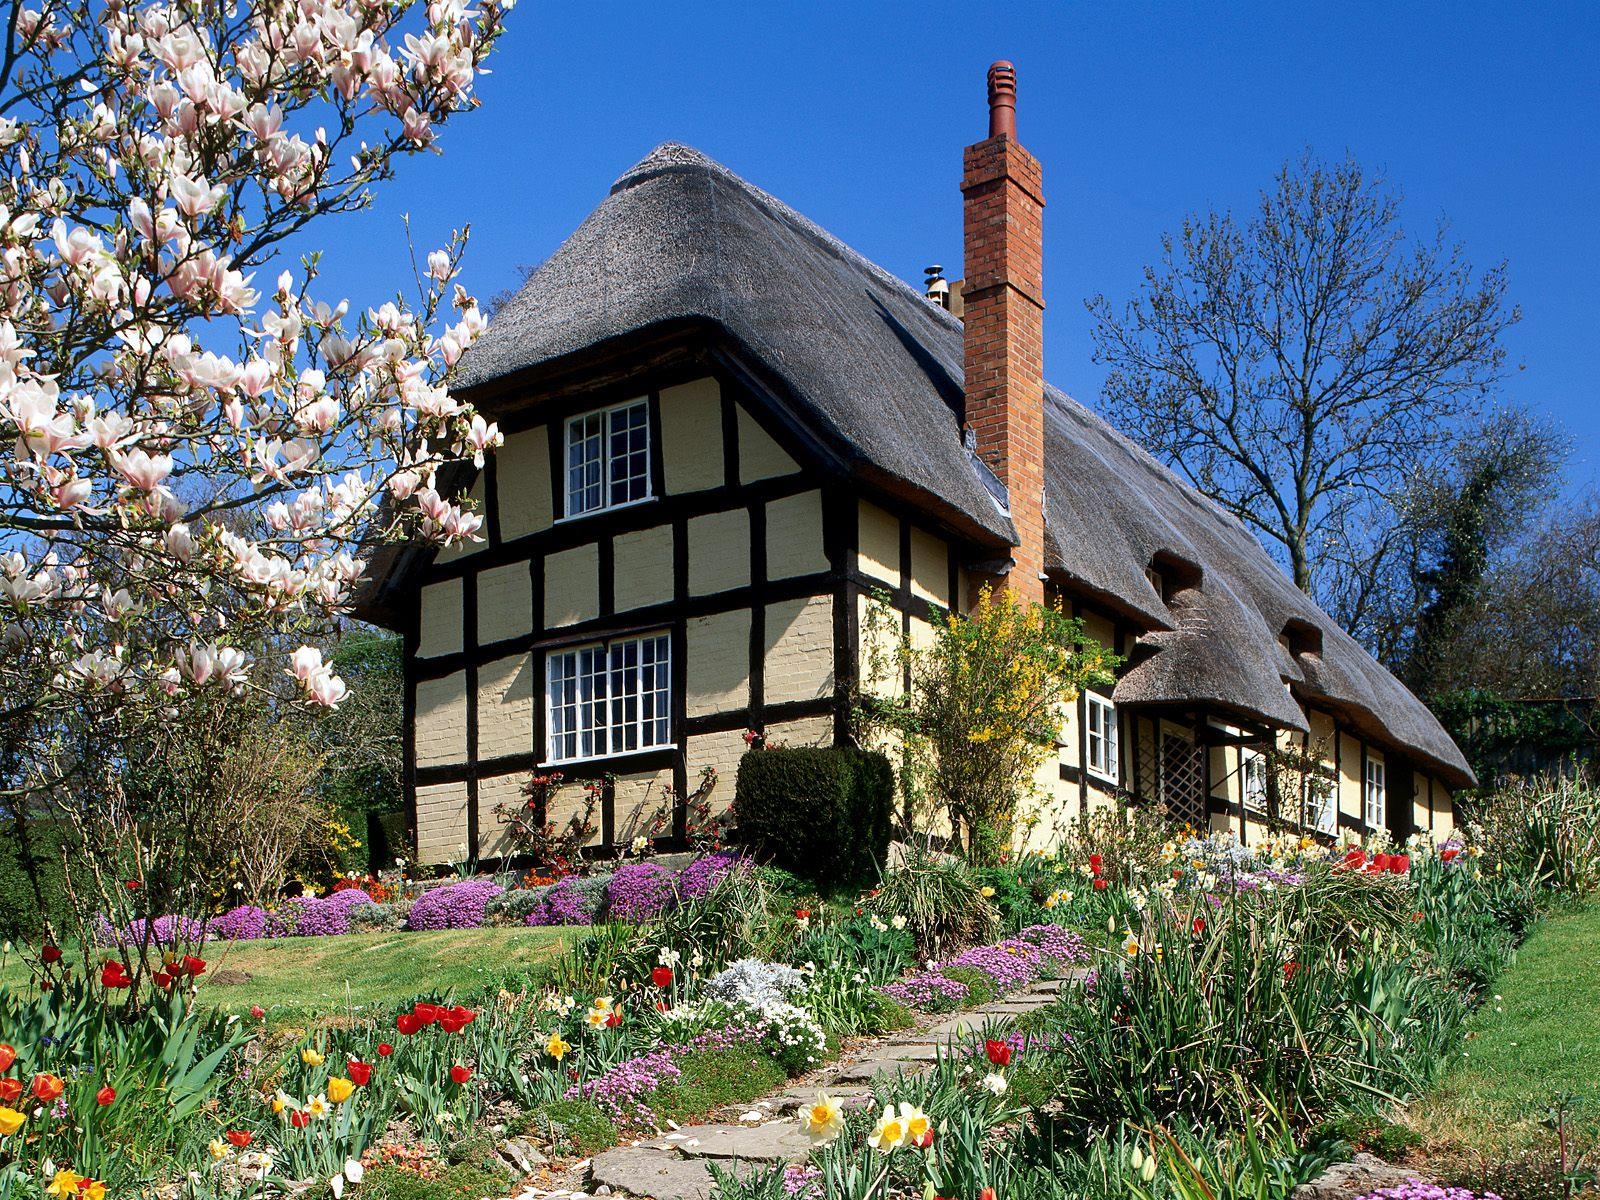 http://3.bp.blogspot.com/-rdPkha8XcTo/UK8pMRYQfVI/AAAAAAAAJ2M/DYmrl1WJqbY/s1600/travel_0075.jpg